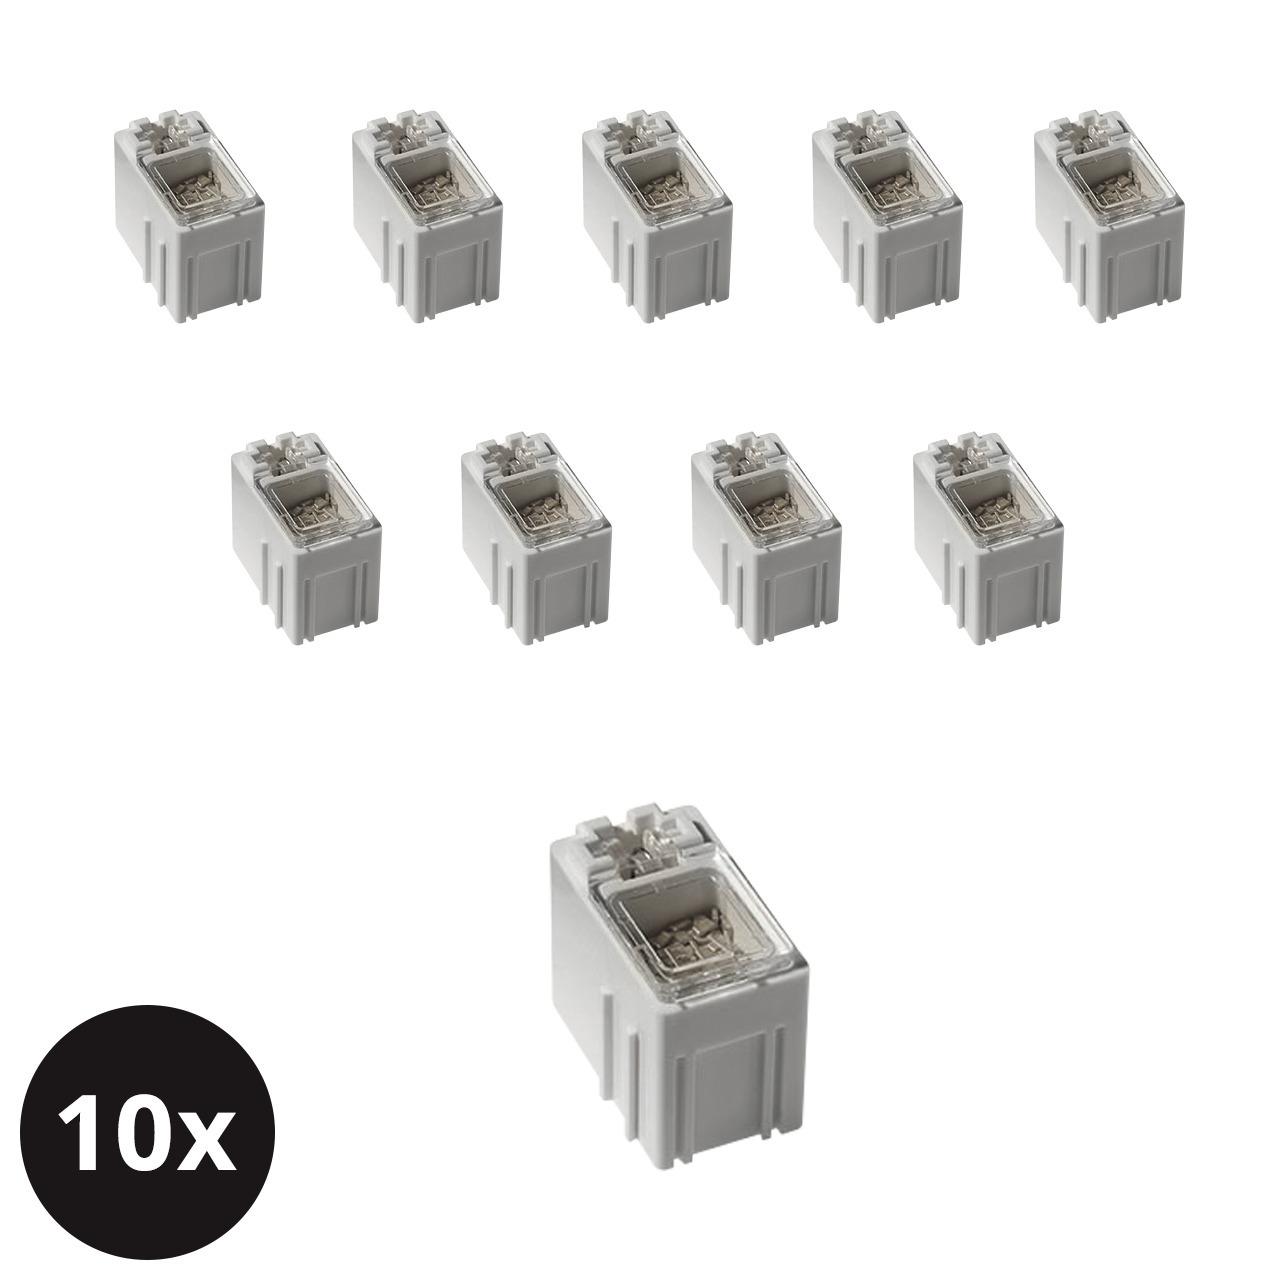 Image of 10er-Set ELV SMD-Sortierbox, Altweiß, 23 x 15,5 x 27 mm